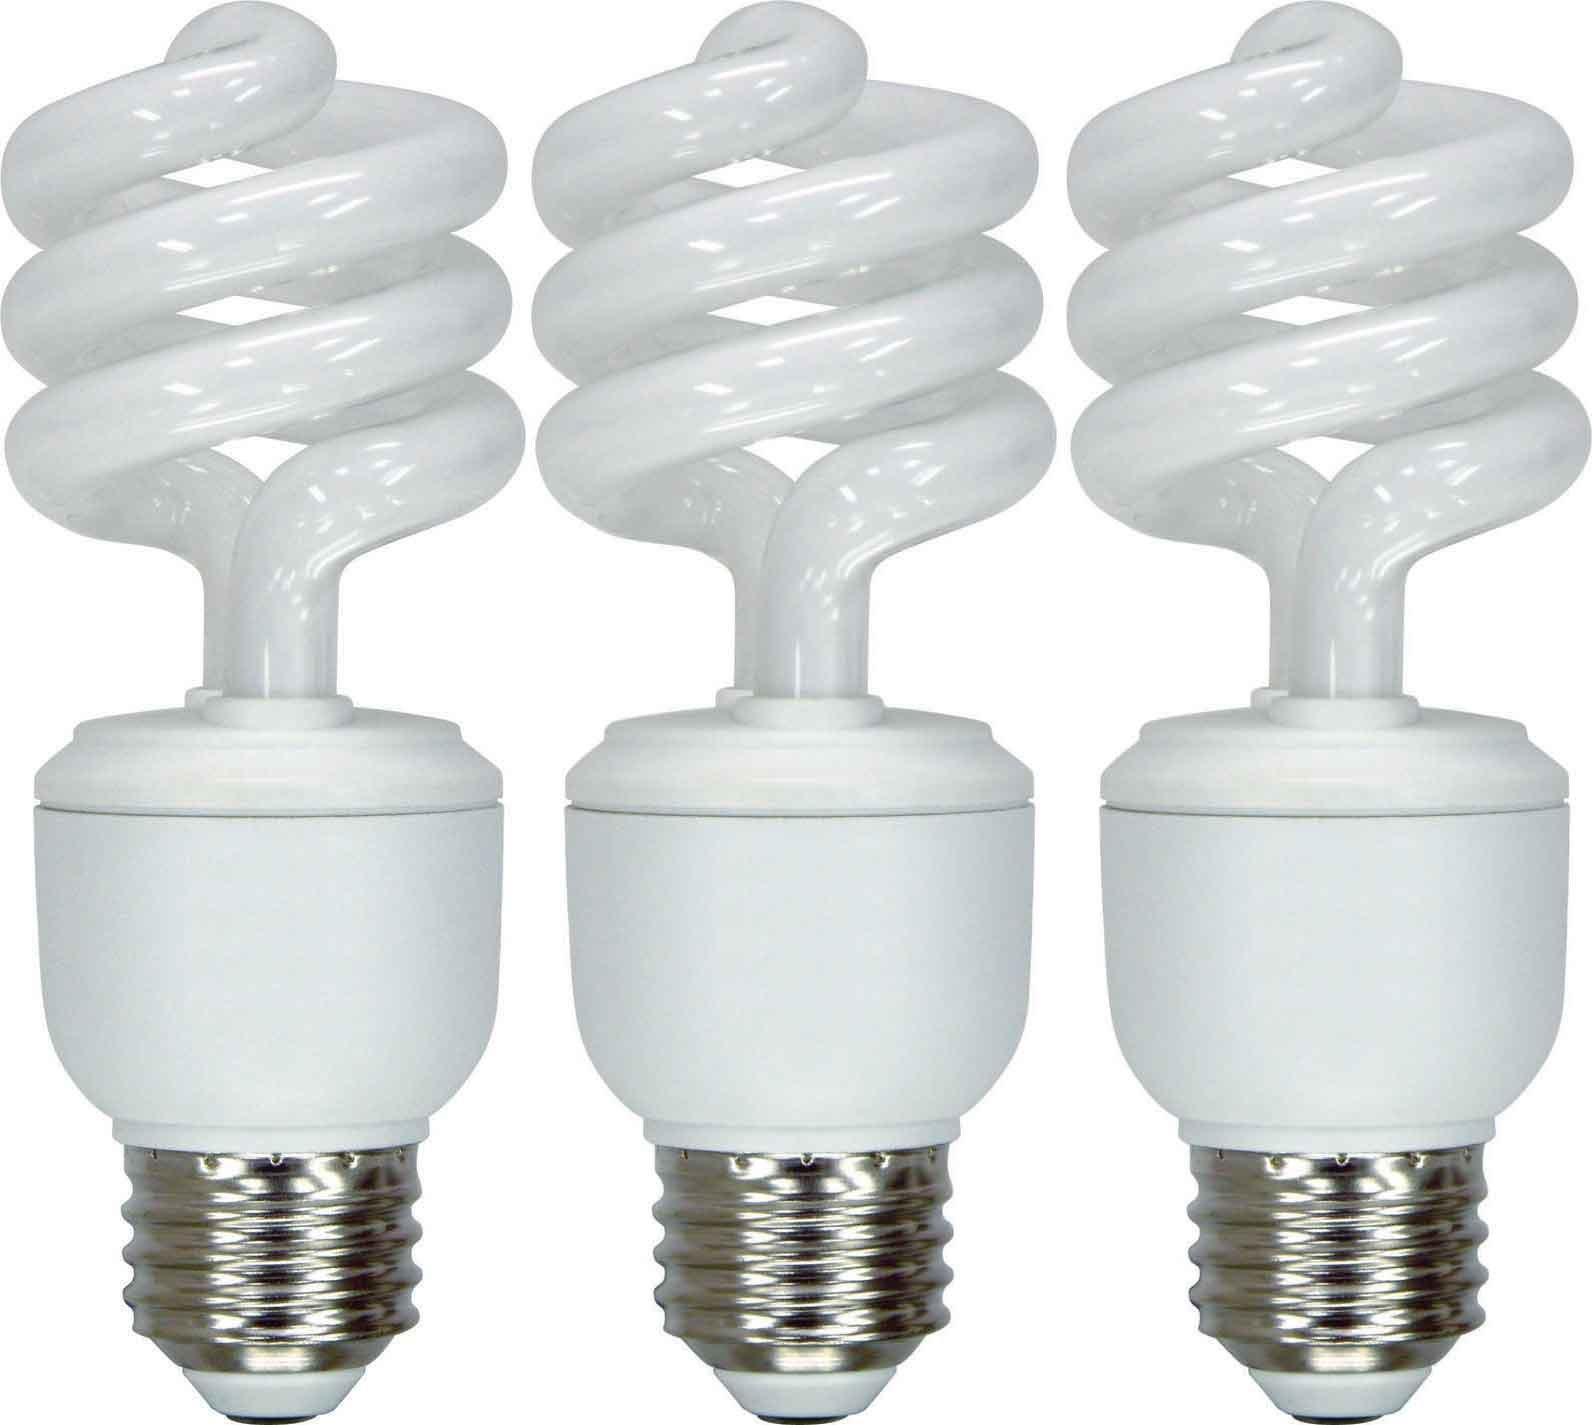 GE Lighting 92779 Energy Smart CFL 13-watt 825-Lumen T3 Spiral Light Bulb with Medium Base, 3-Pack